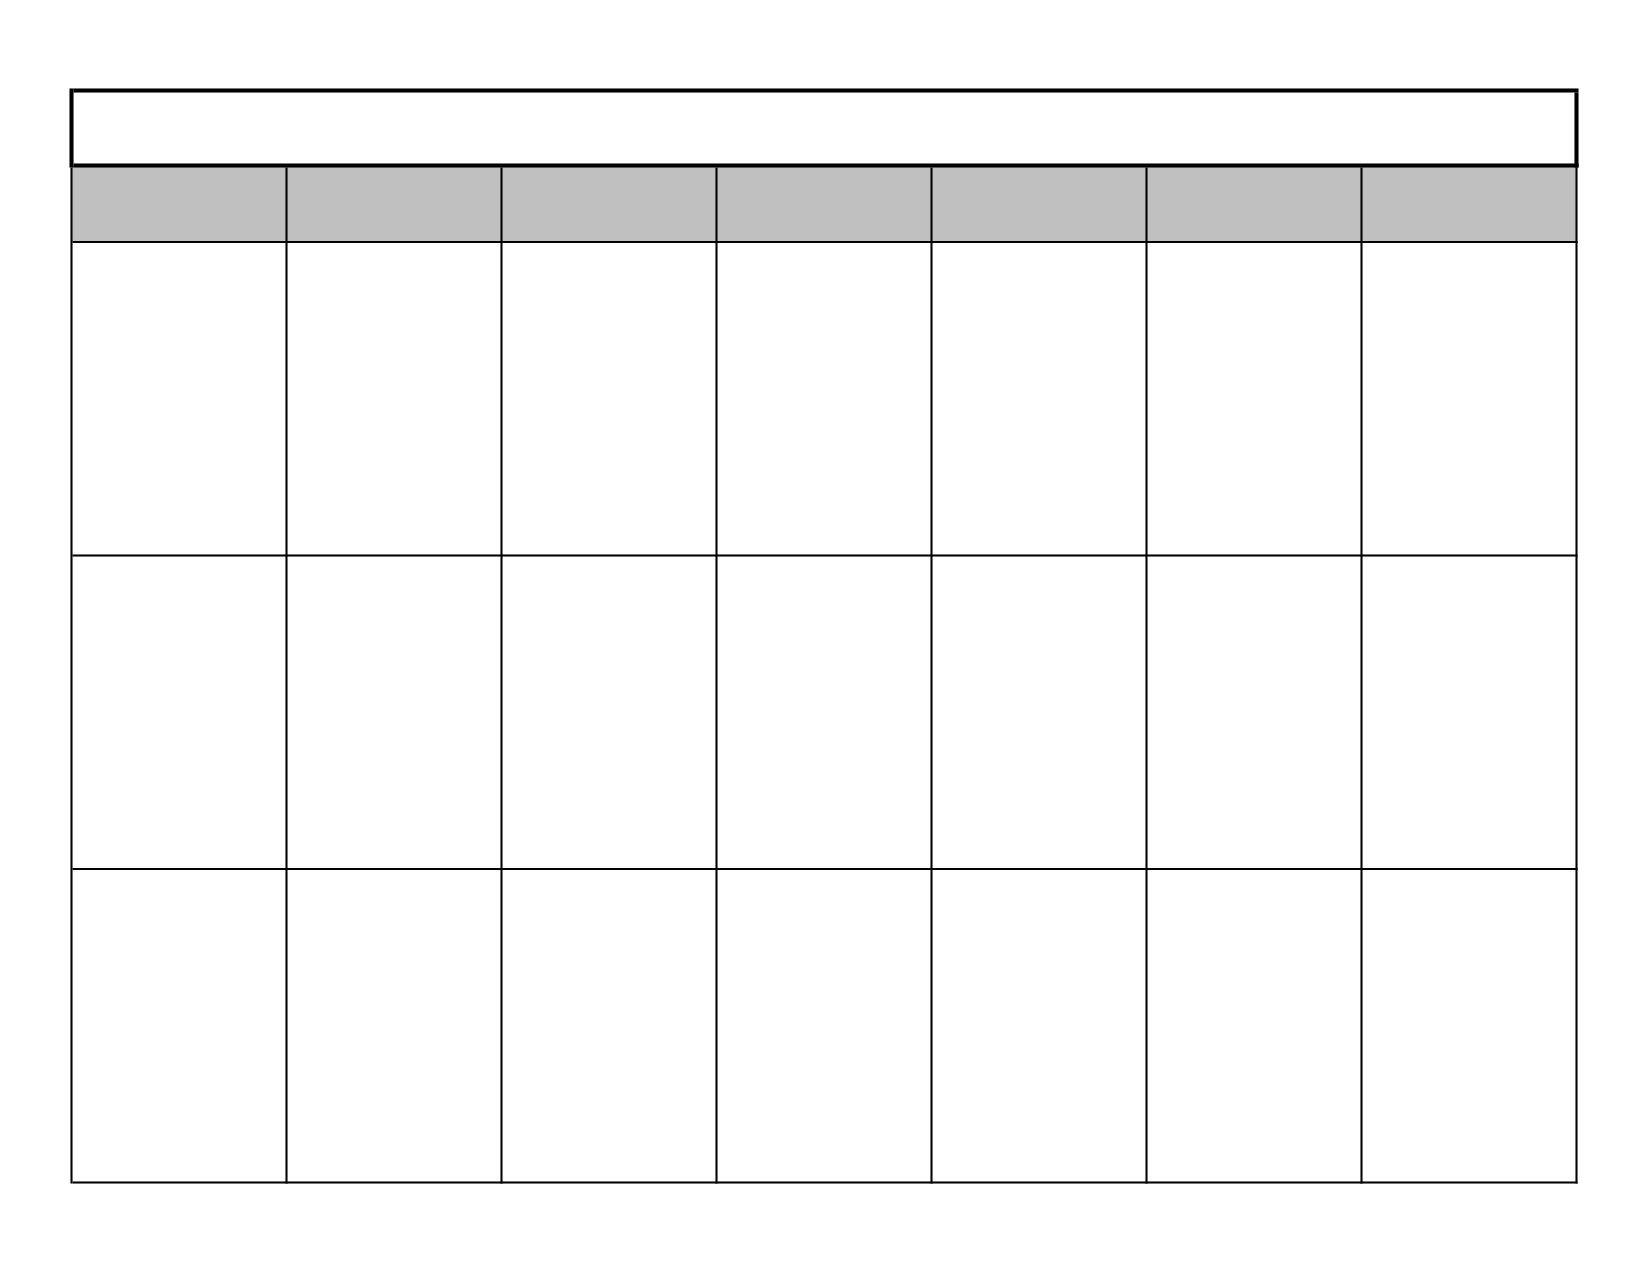 Blank Calendar Template Aplg Planetariums Org Ripping 2 Week 2 Week Blank Calendar Printable